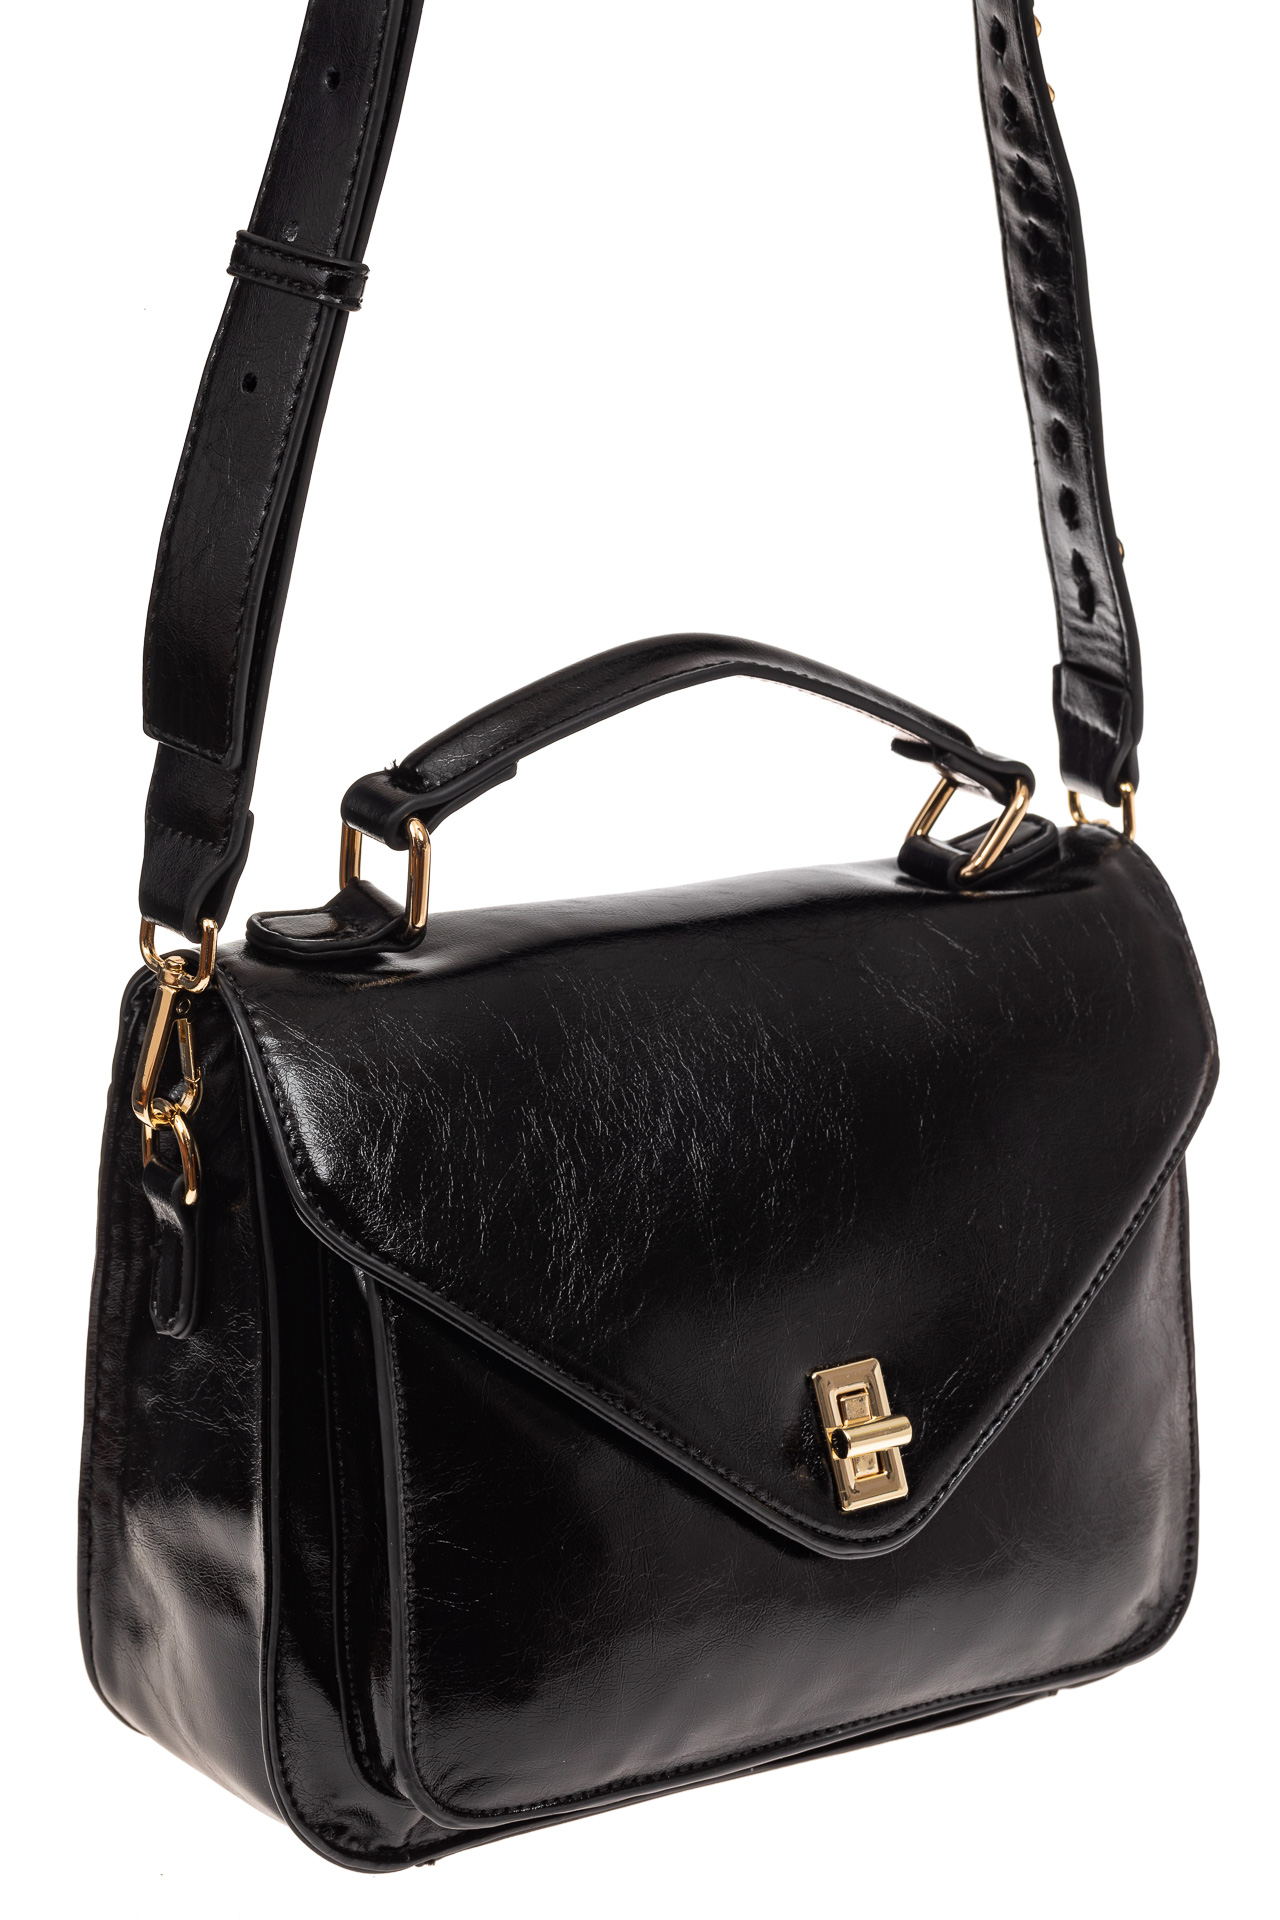 Наплечная сумка из искусственной кожи, цвет черный